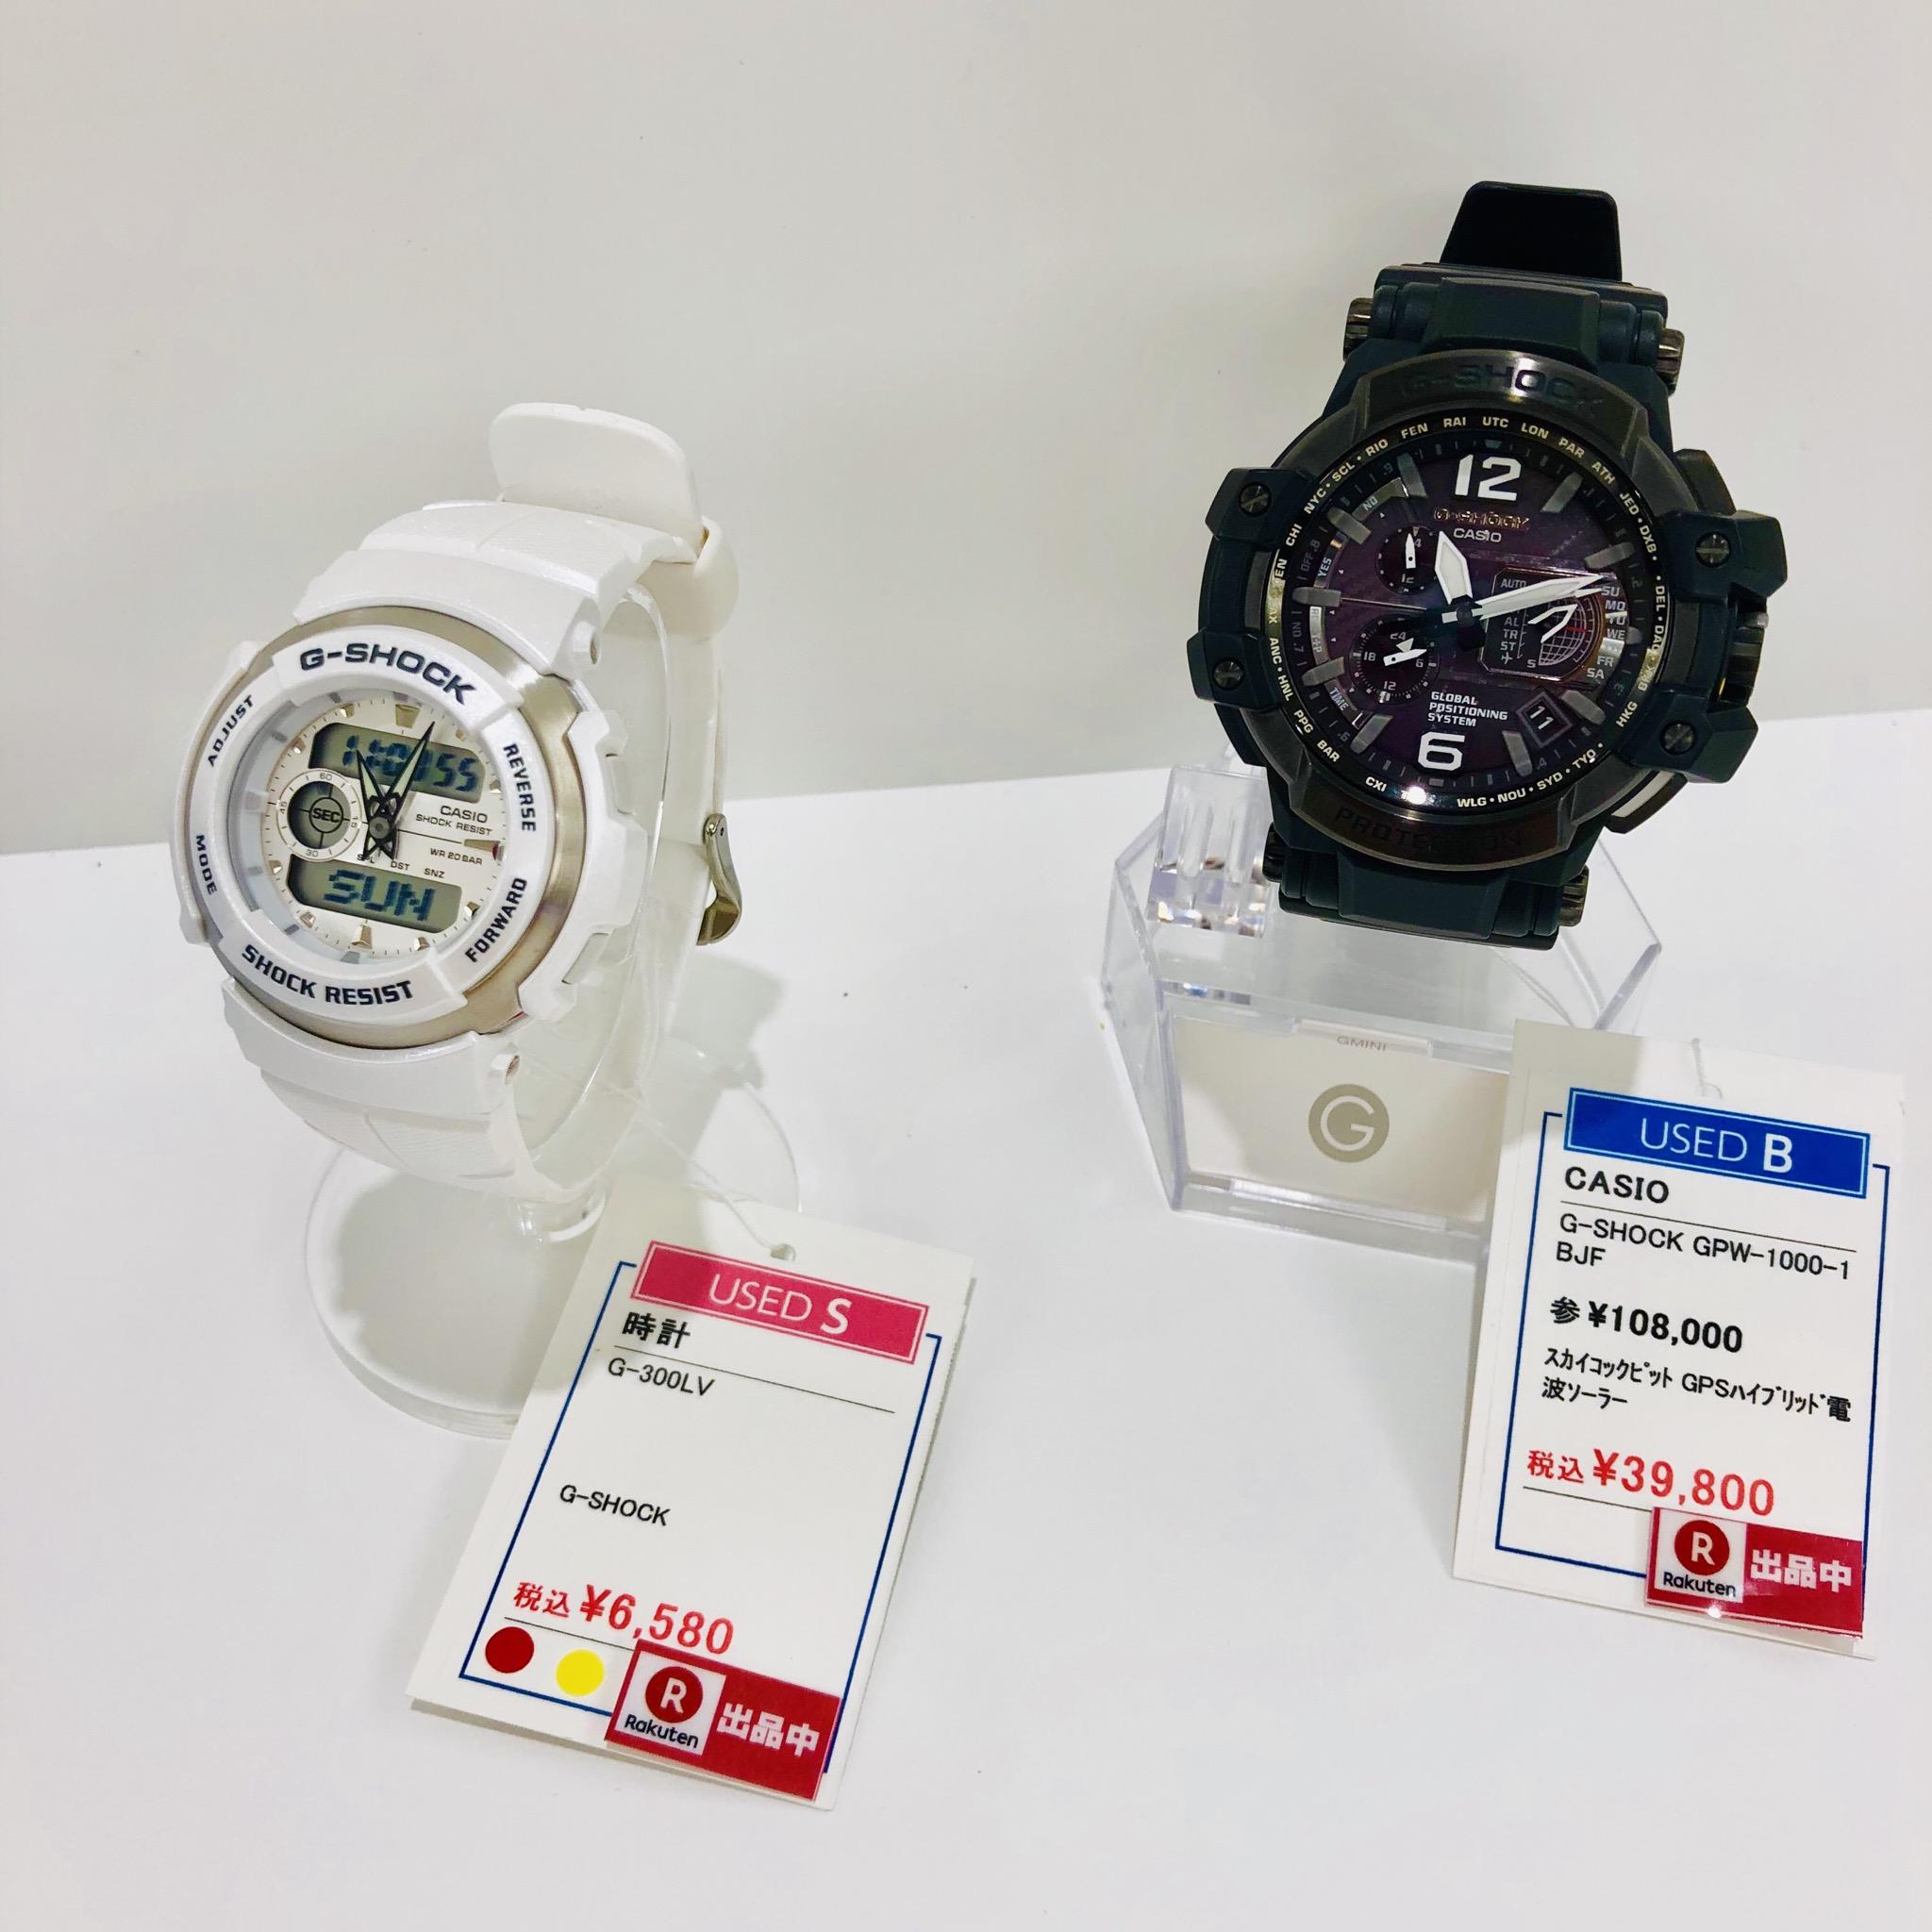 【盛岡 時計 販売】カシオ G-SHOCK GPW-1000-1BJF G-300LV